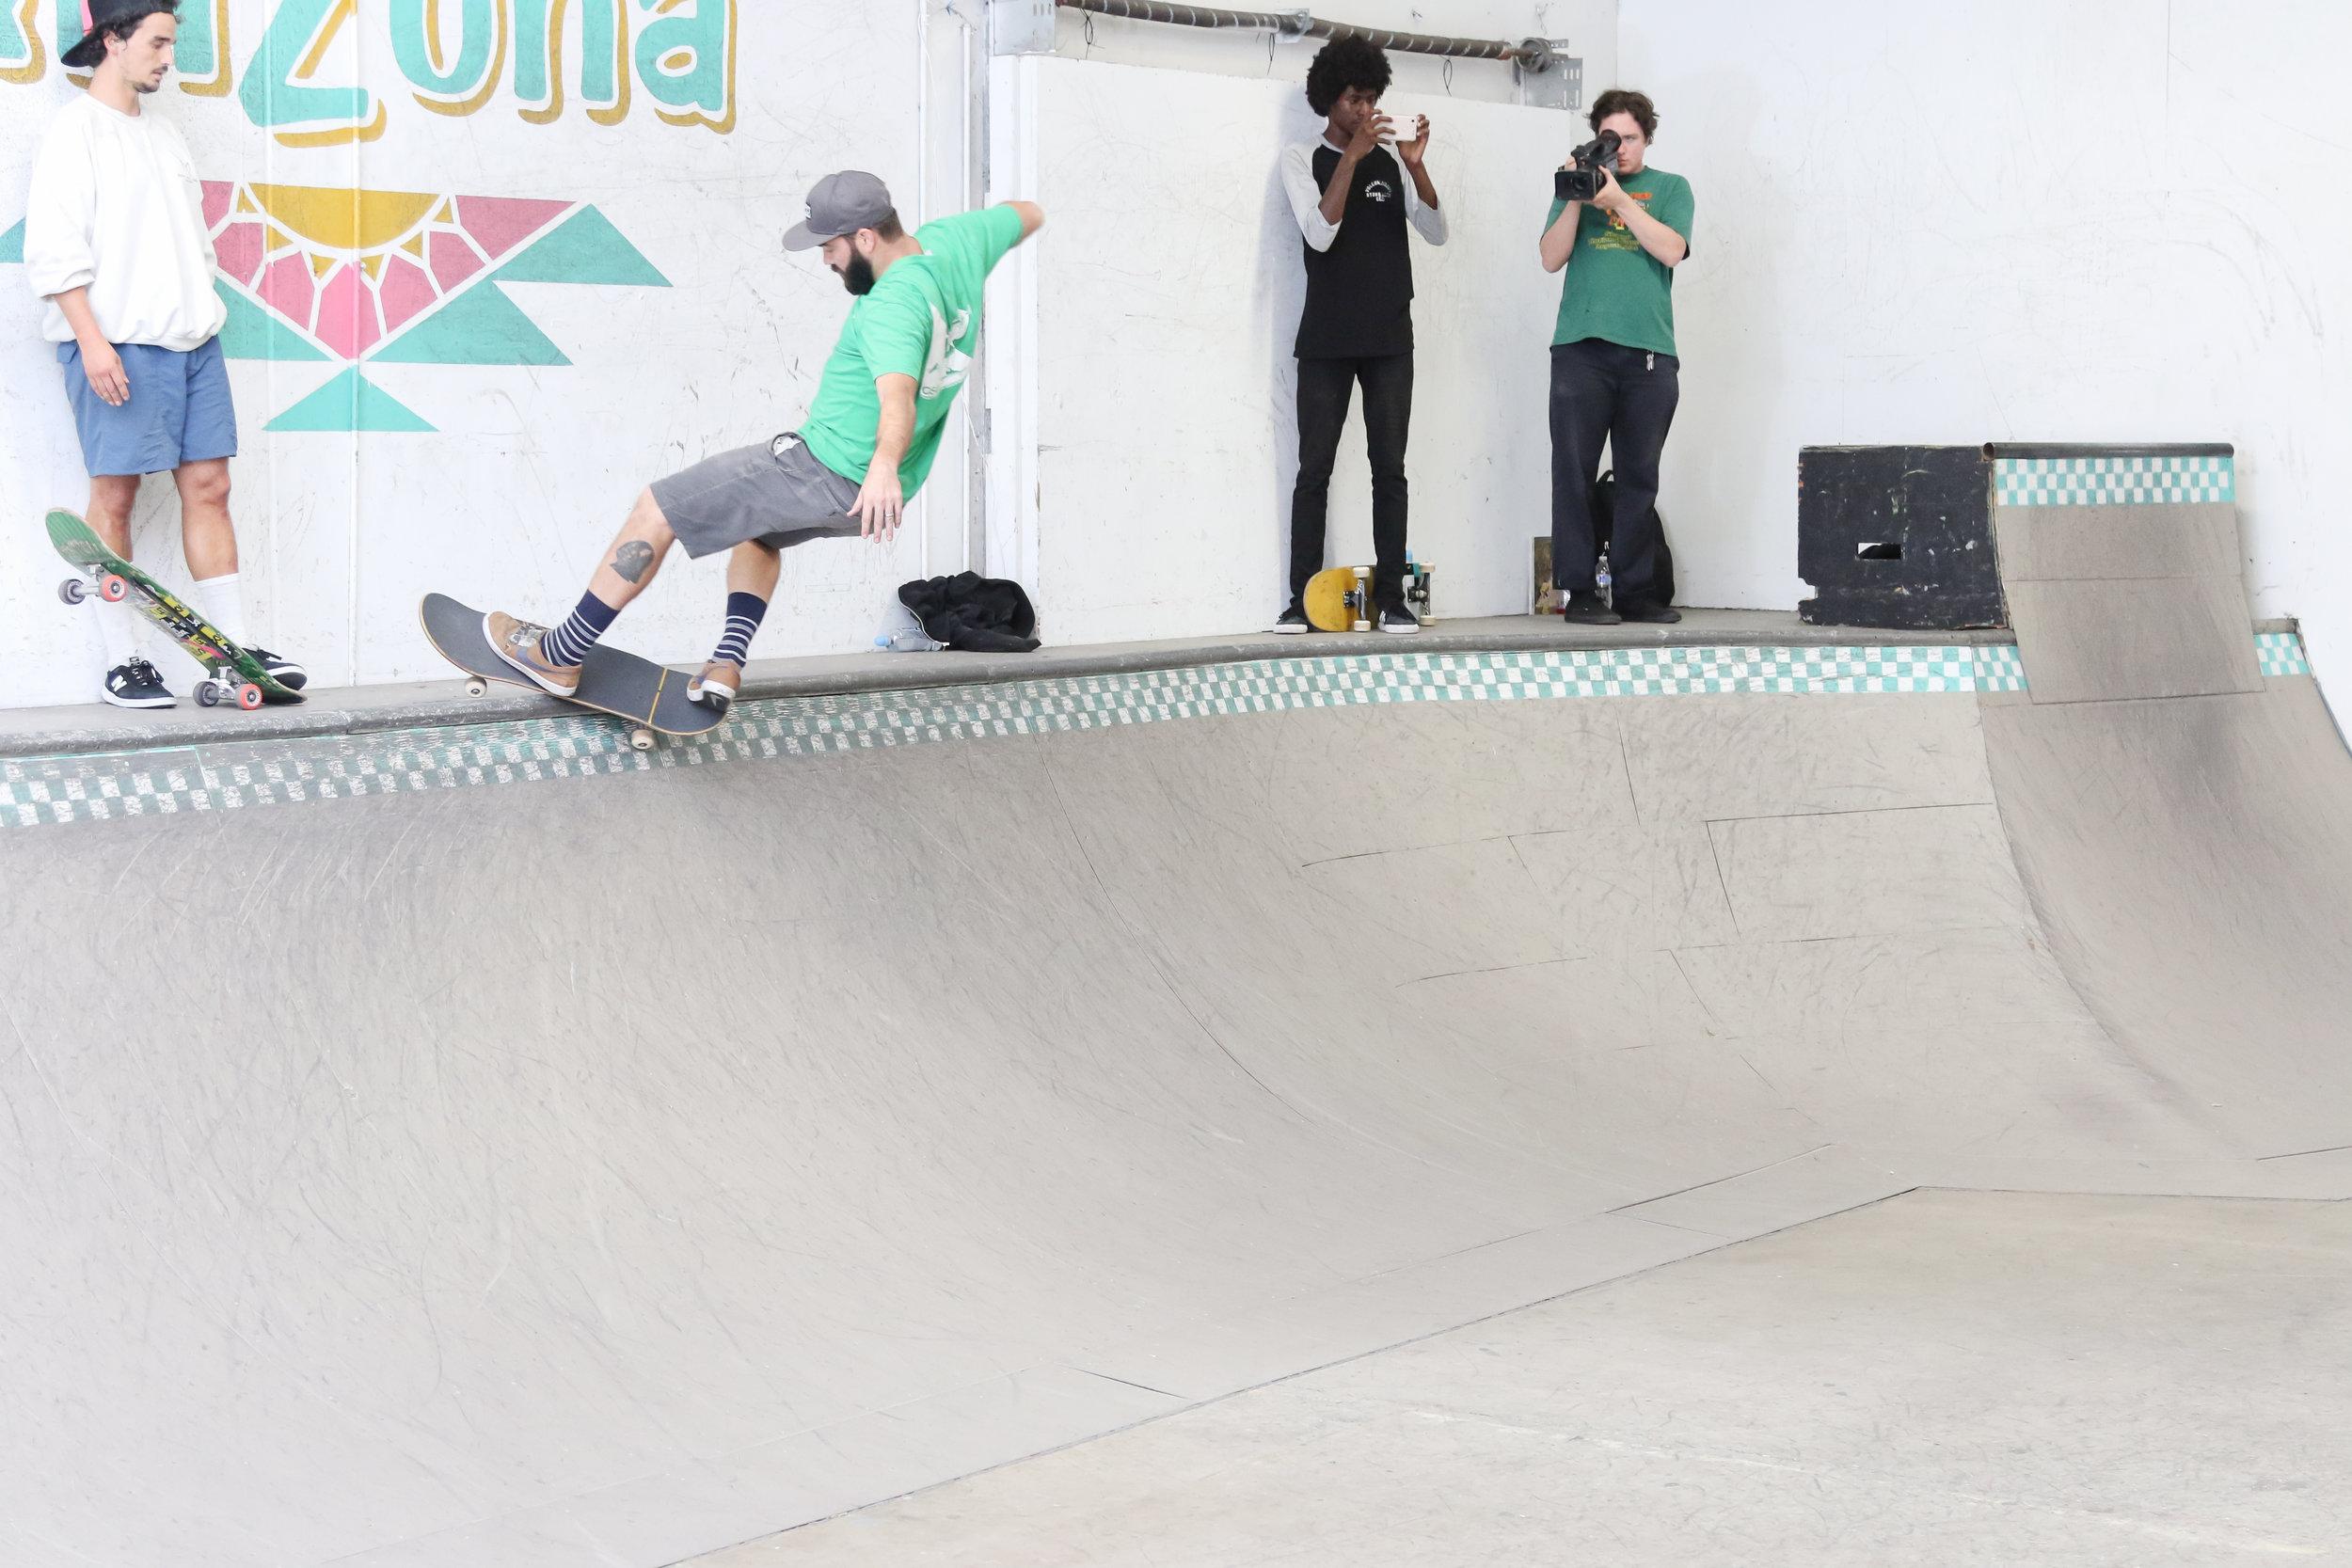 TWS Collegiate Skate_-26.jpg